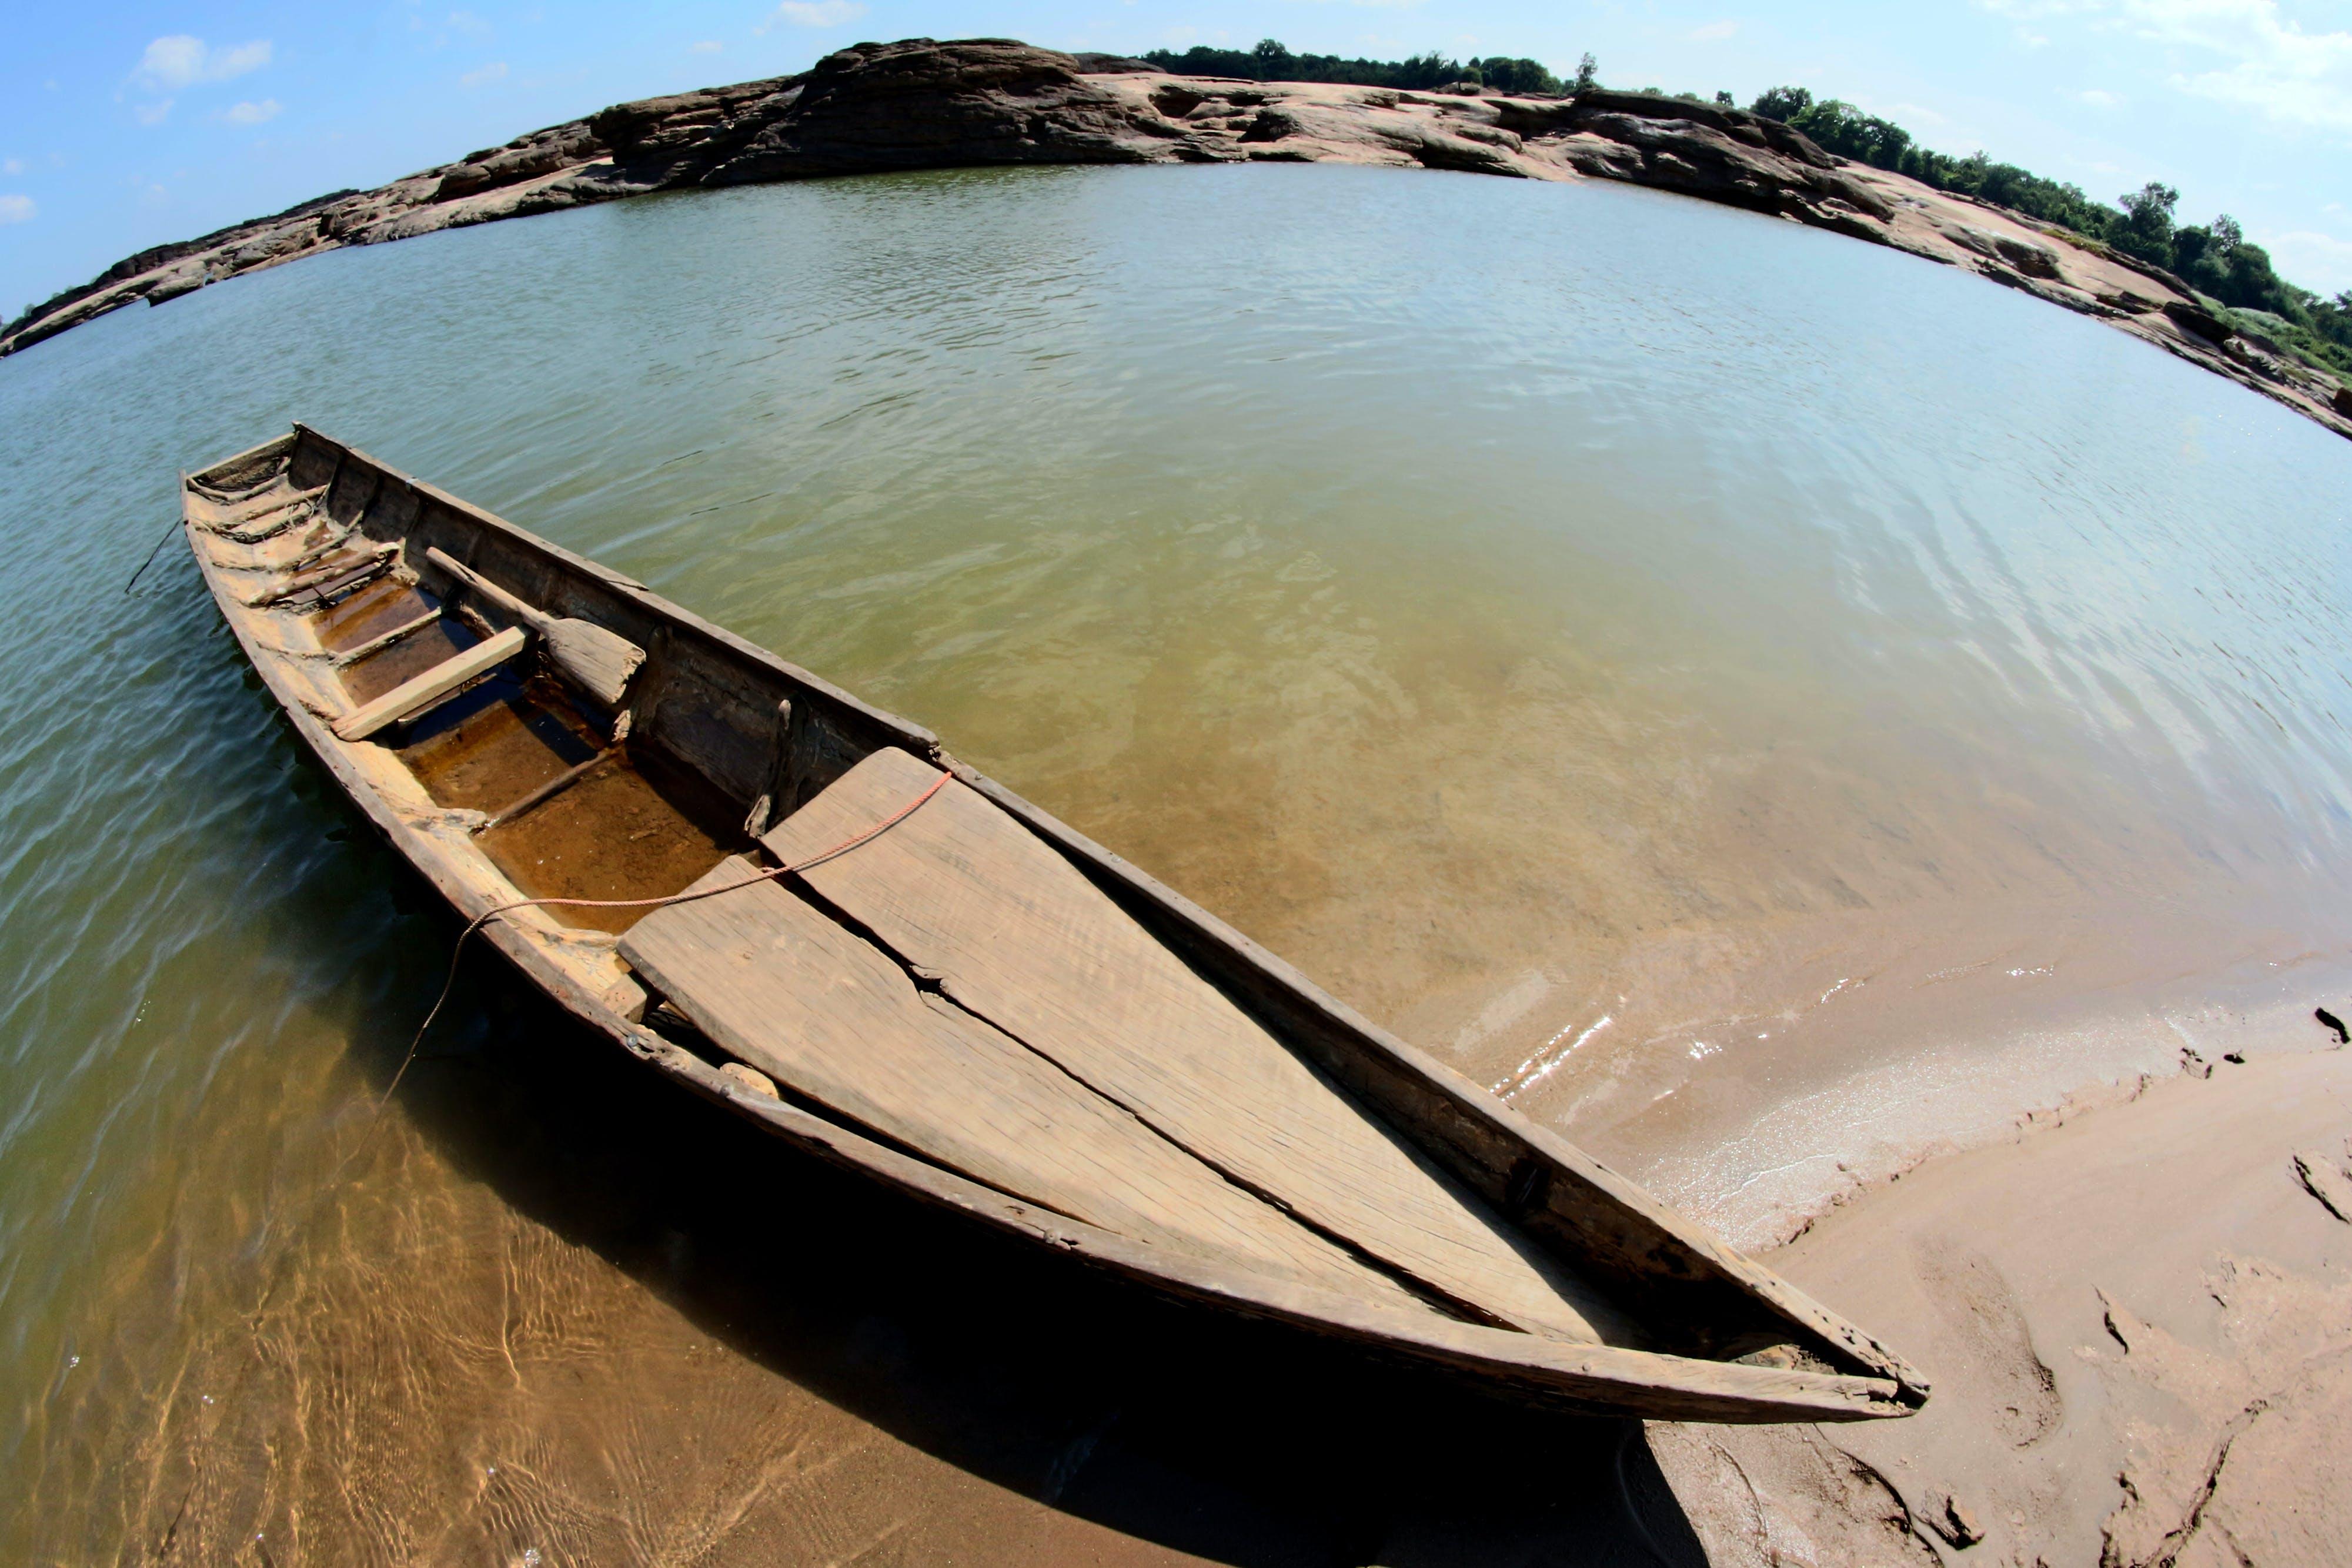 Gray Canoe at Shoreline